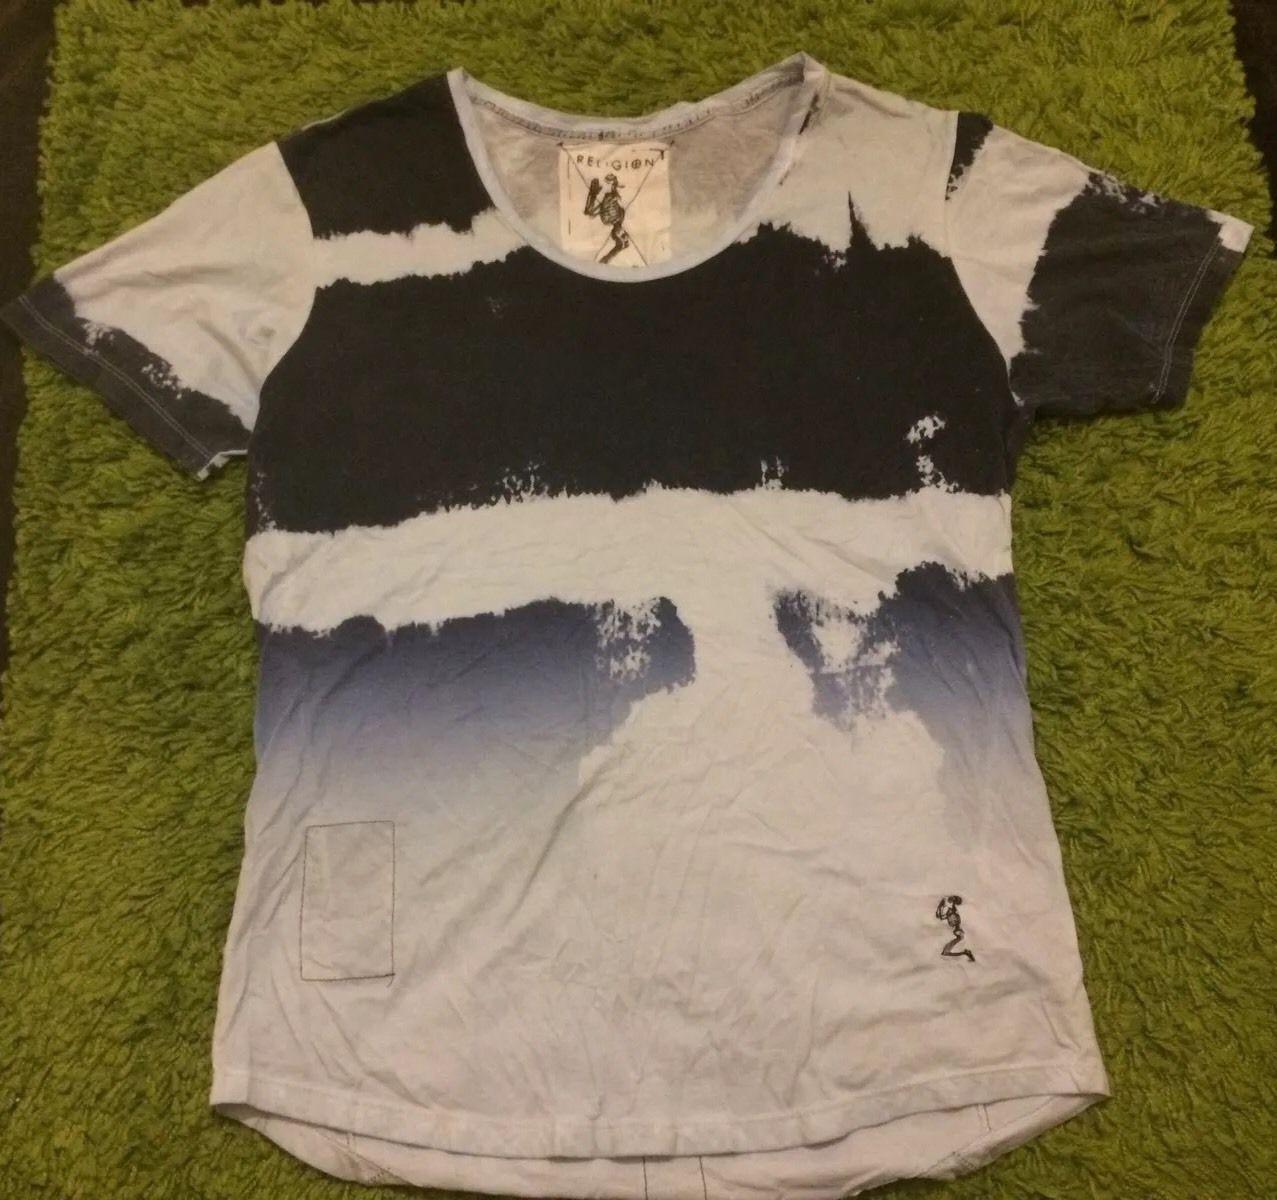 White t shirt ebay uk - Religion Men S Designer T Shirt Uk Large Ebay